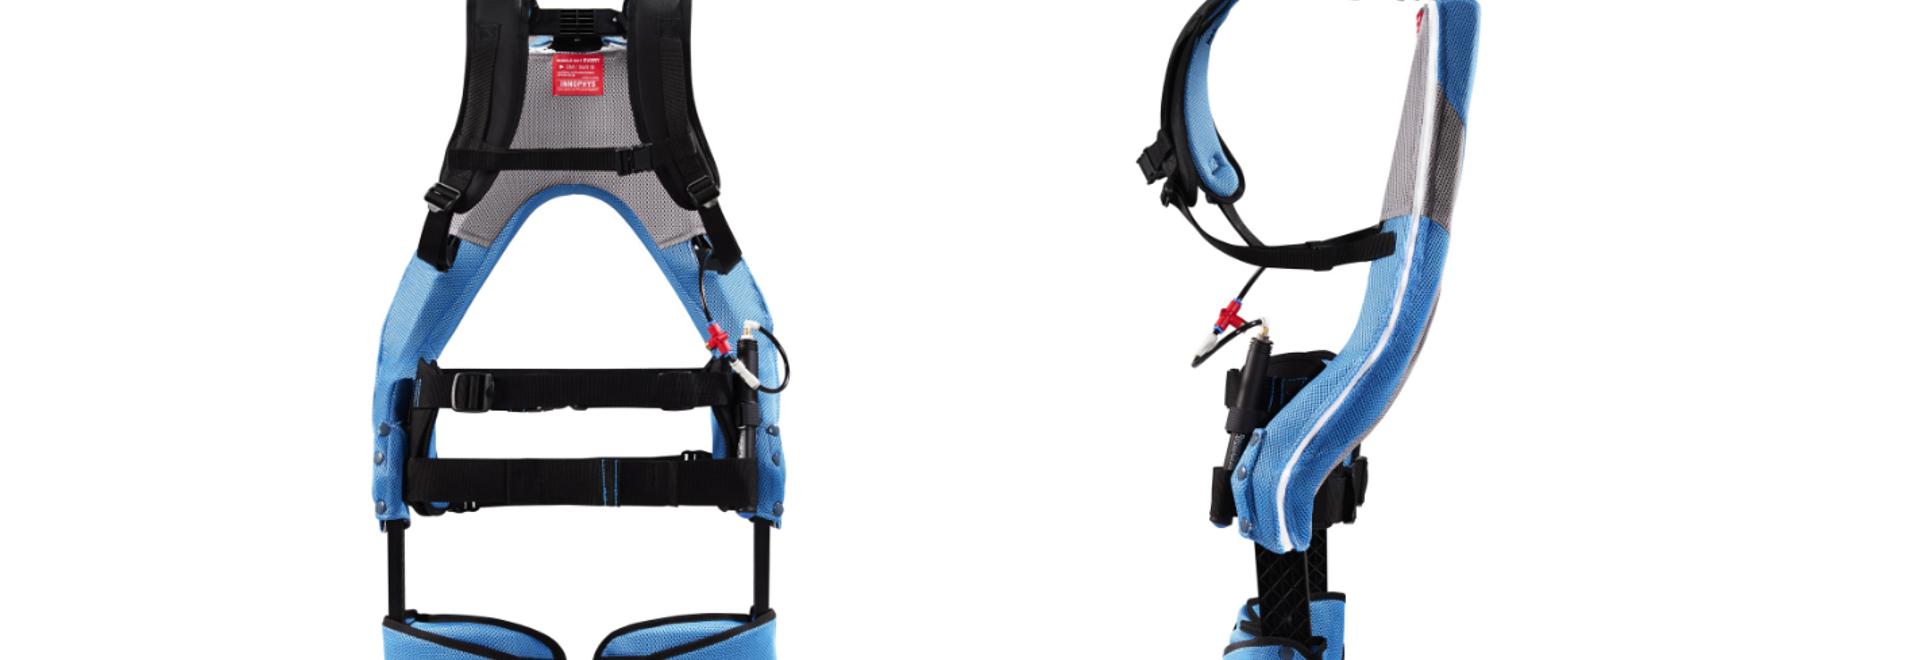 El sistema utiliza músculos artificiales neumáticos (PAM): un músculo artificial de tipo McKibben que emplea aire comprimido para dar al usuario hasta 25,5kgf de potencia de asistencia